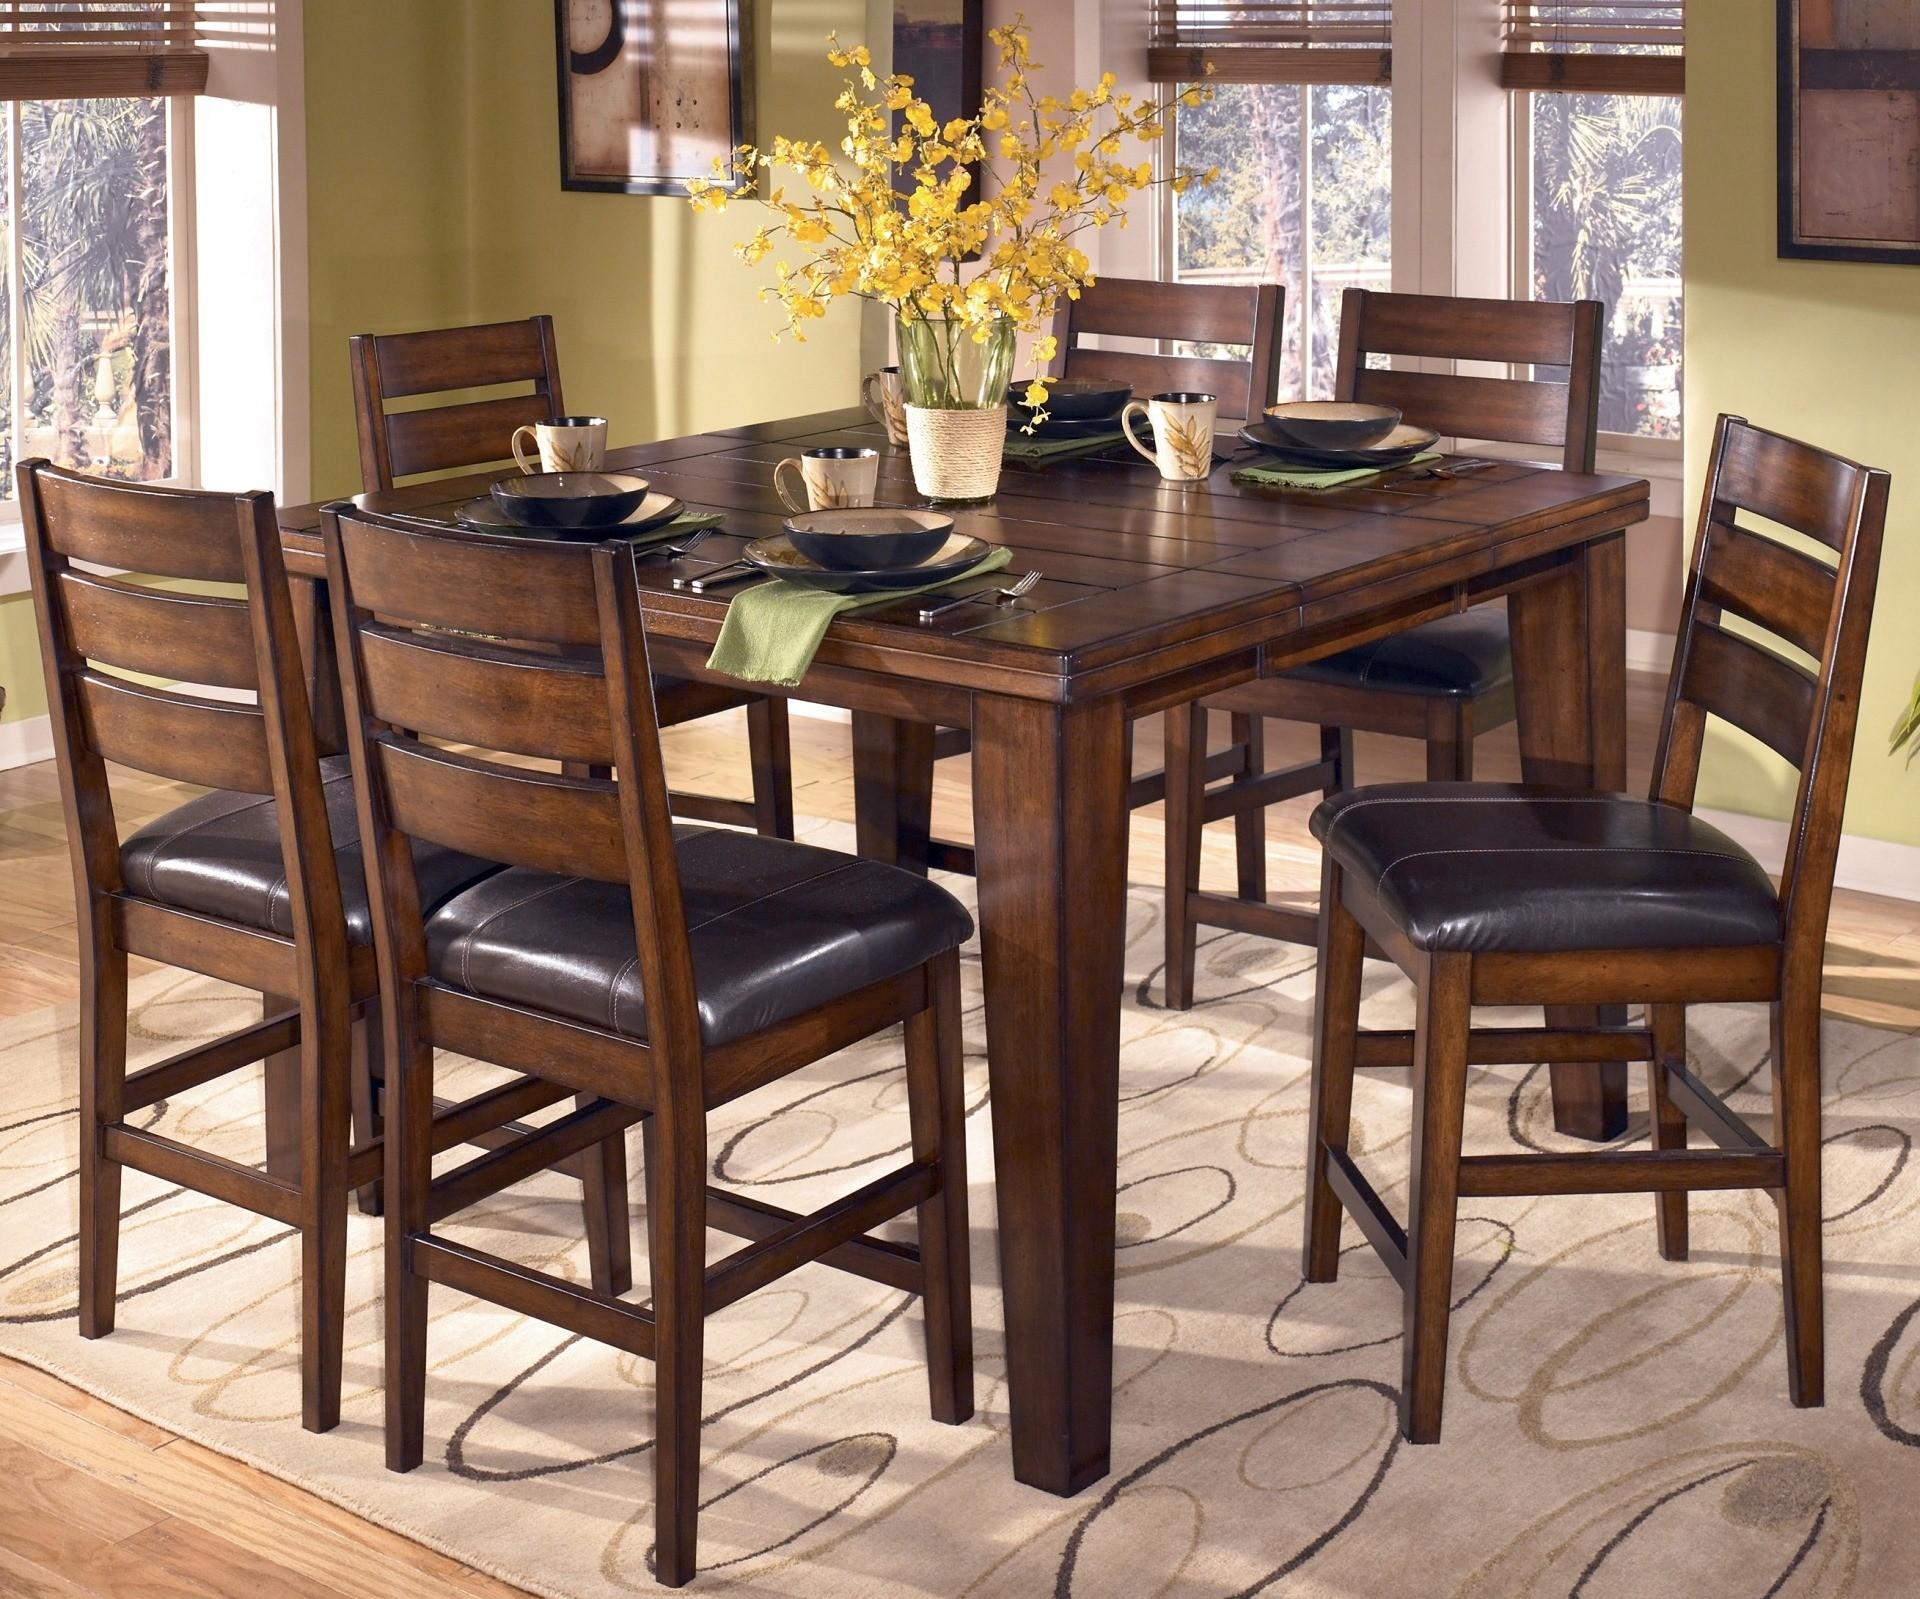 Larchmont Pub Table Set From Ashley D442 32 Coleman